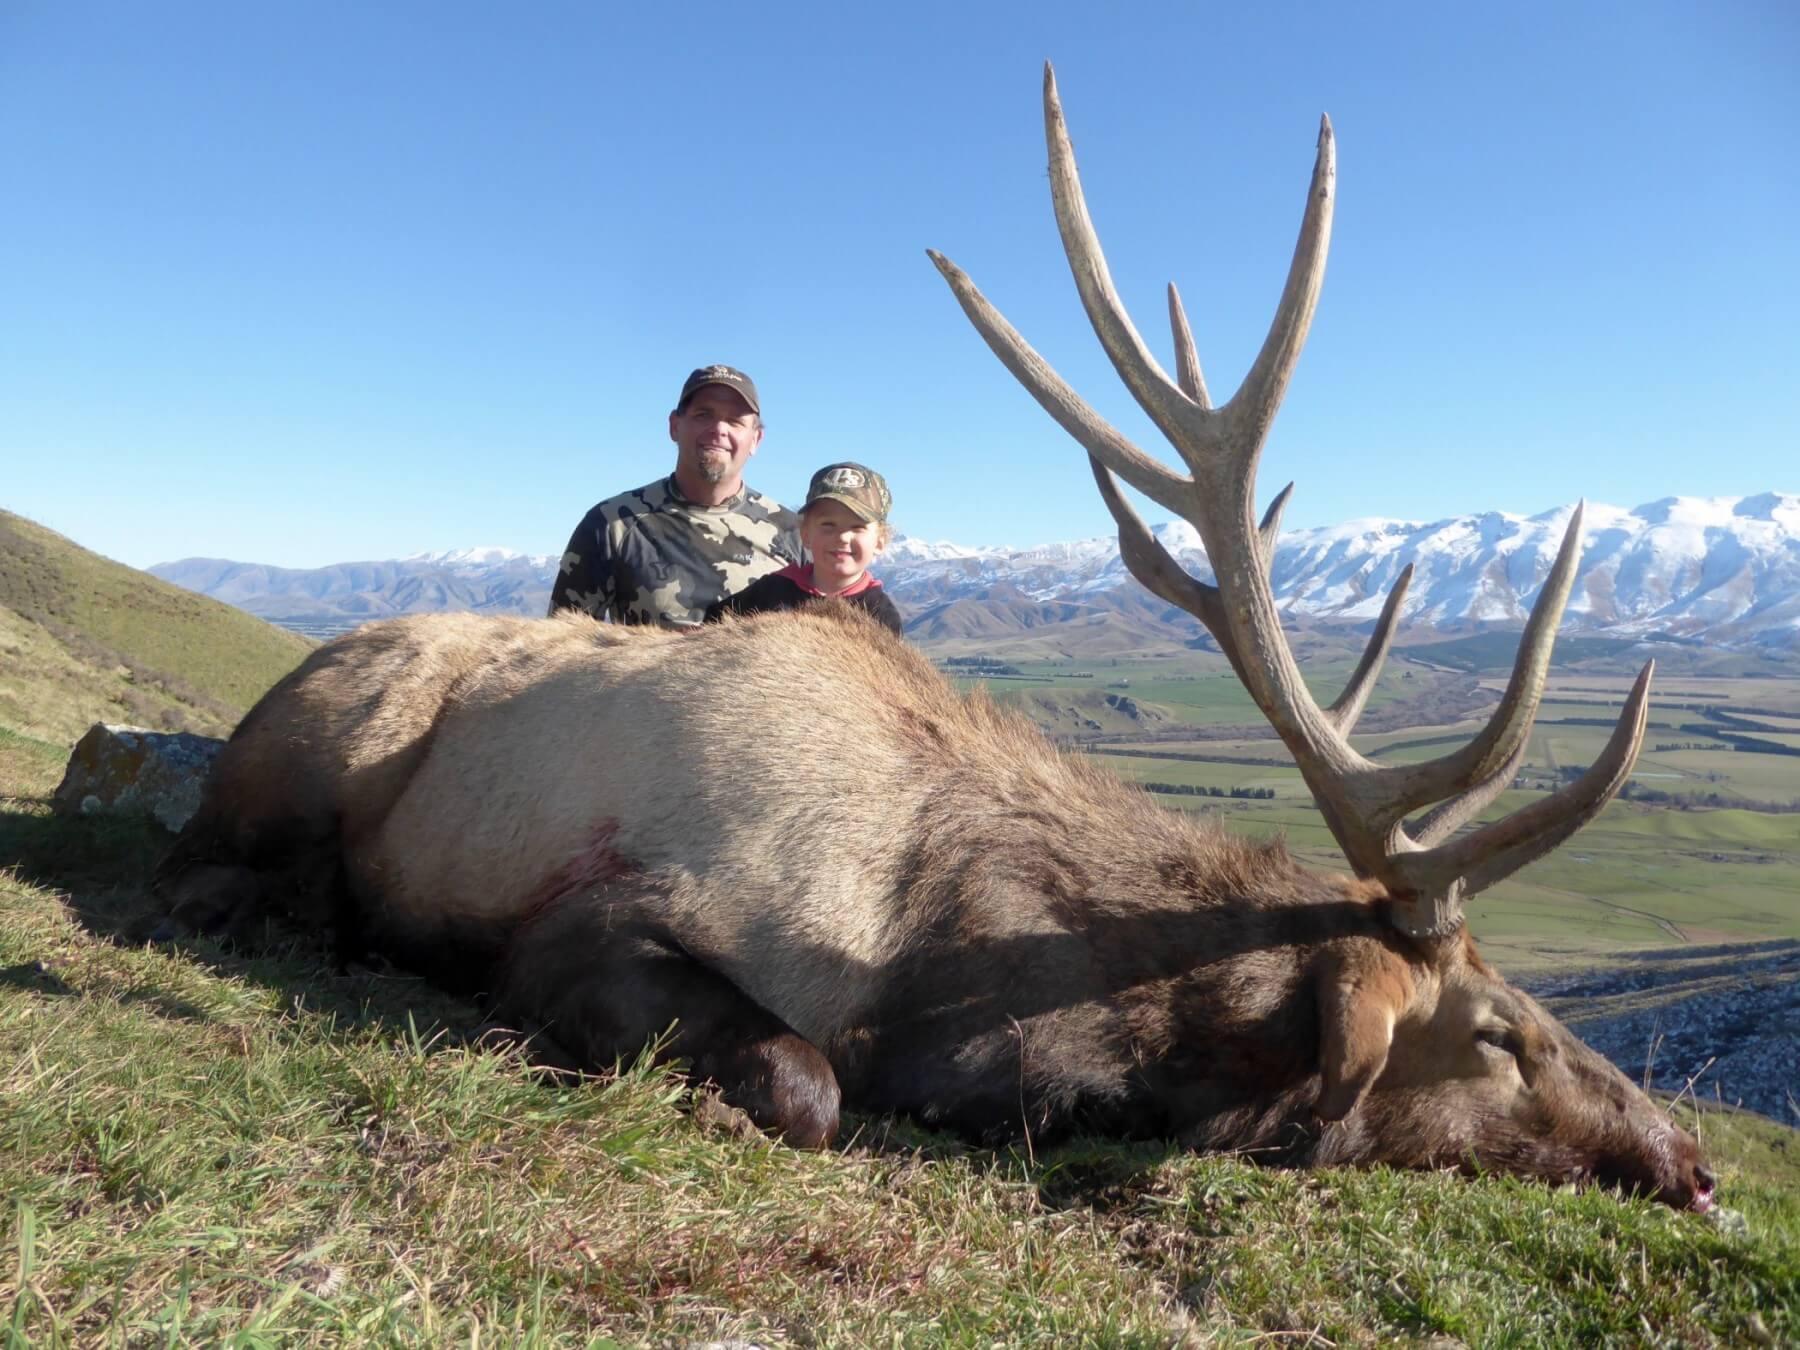 elk hunter with trophy elk and child